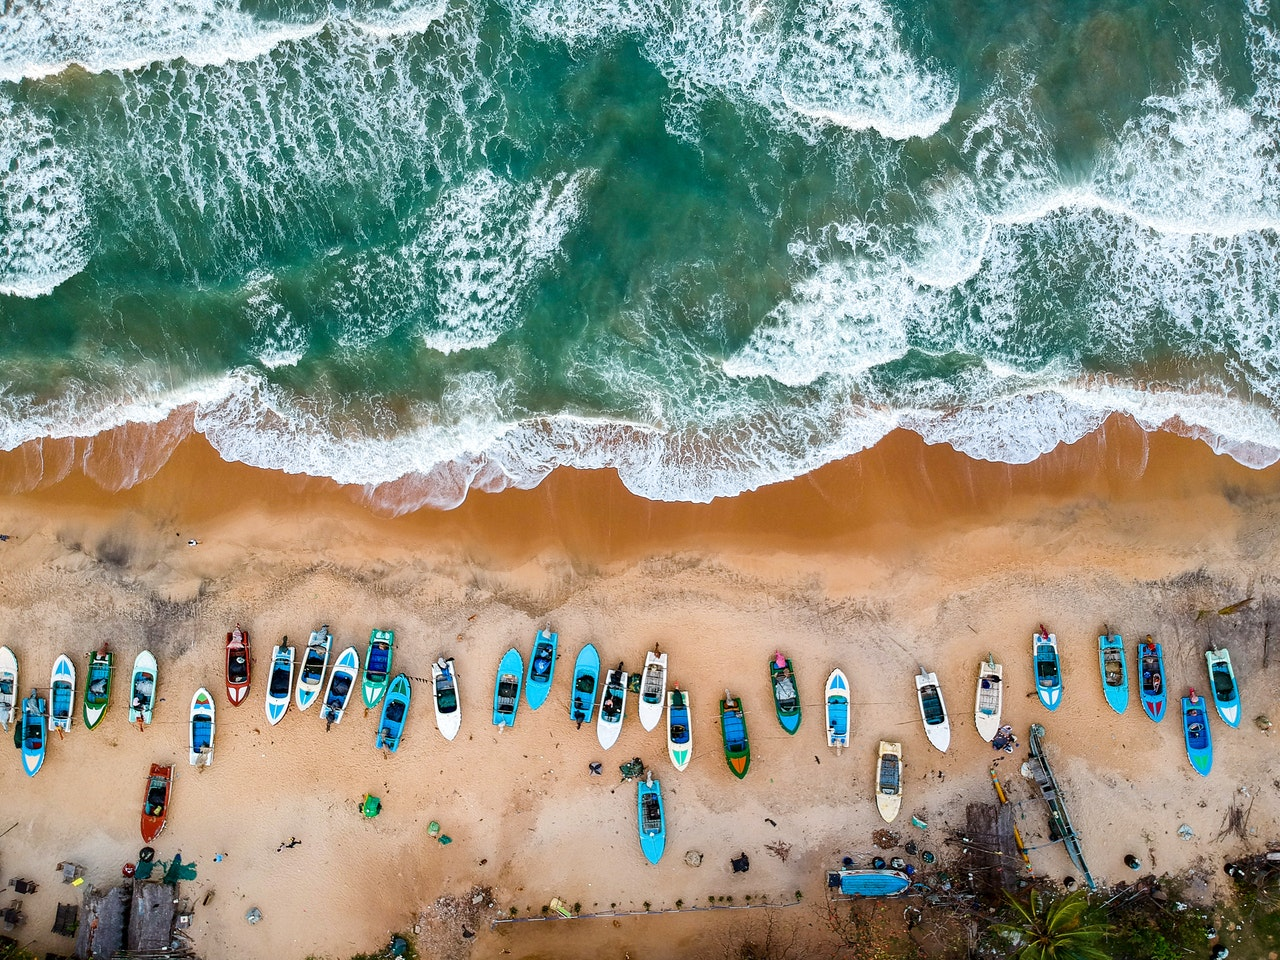 Fotos de praia com câmera profissional